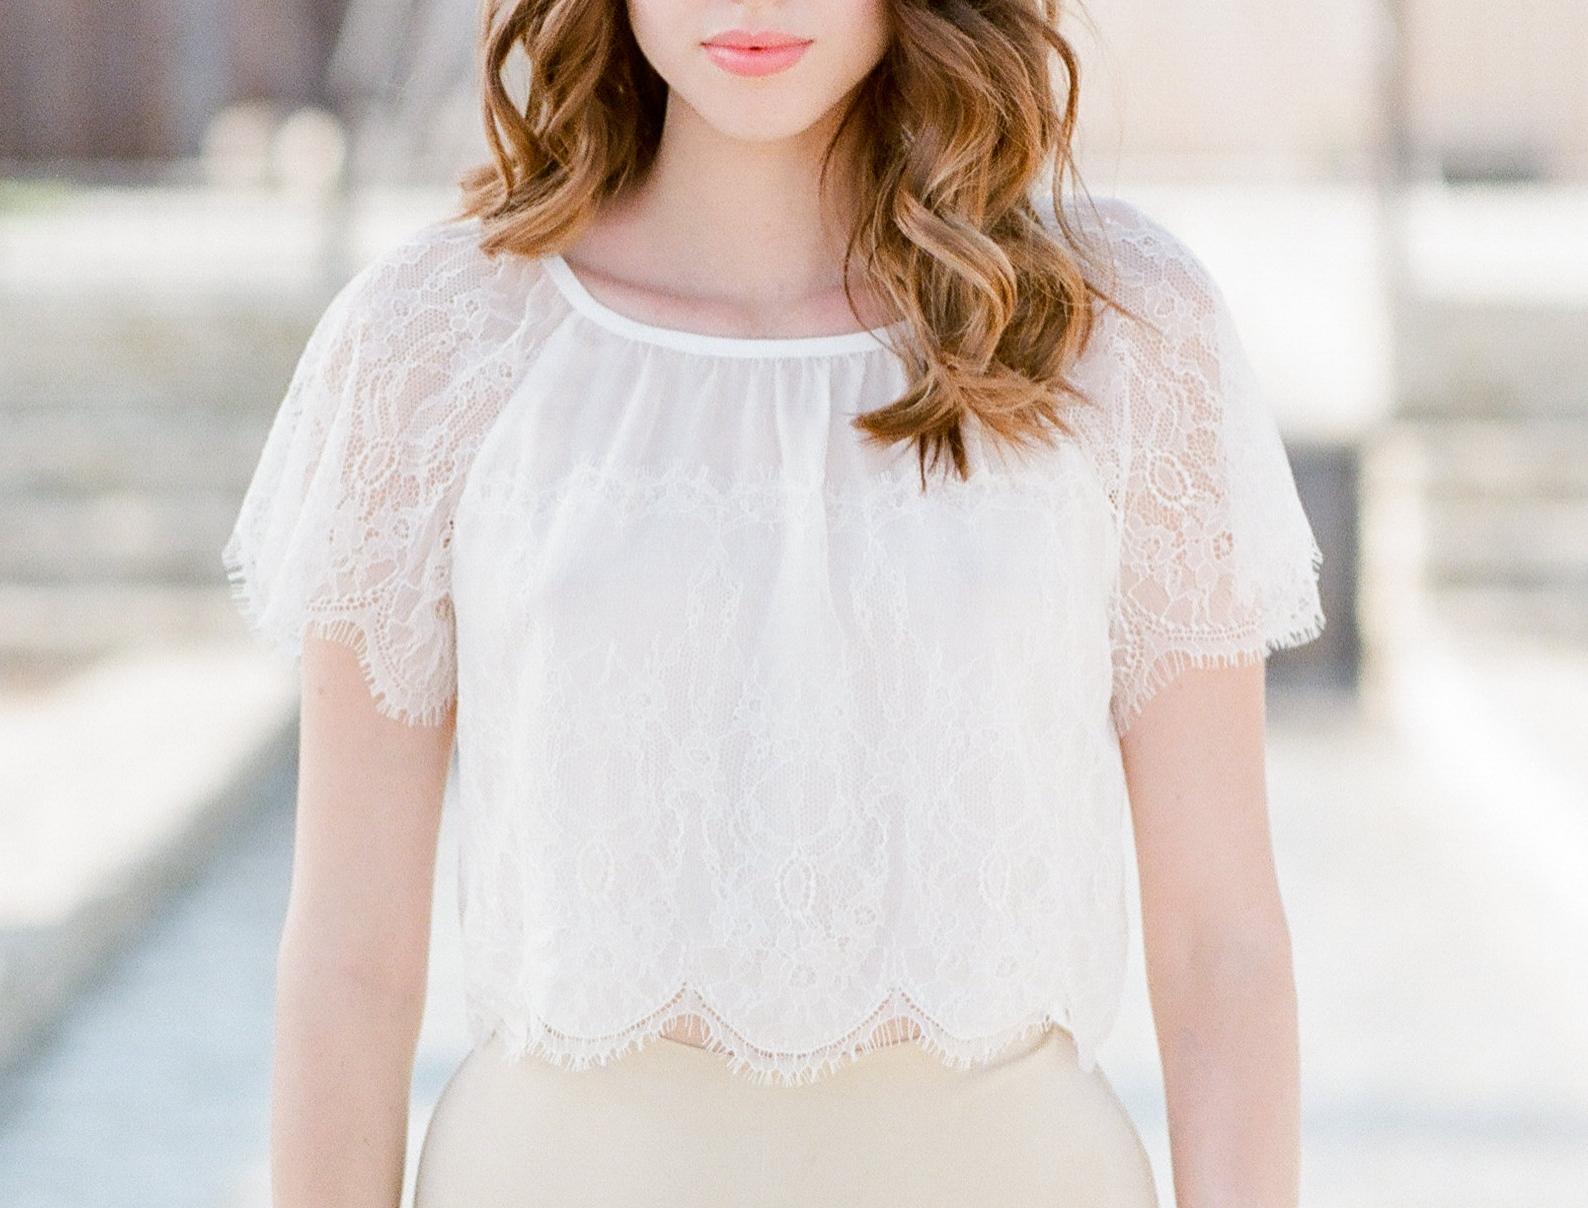 White lace pajama top